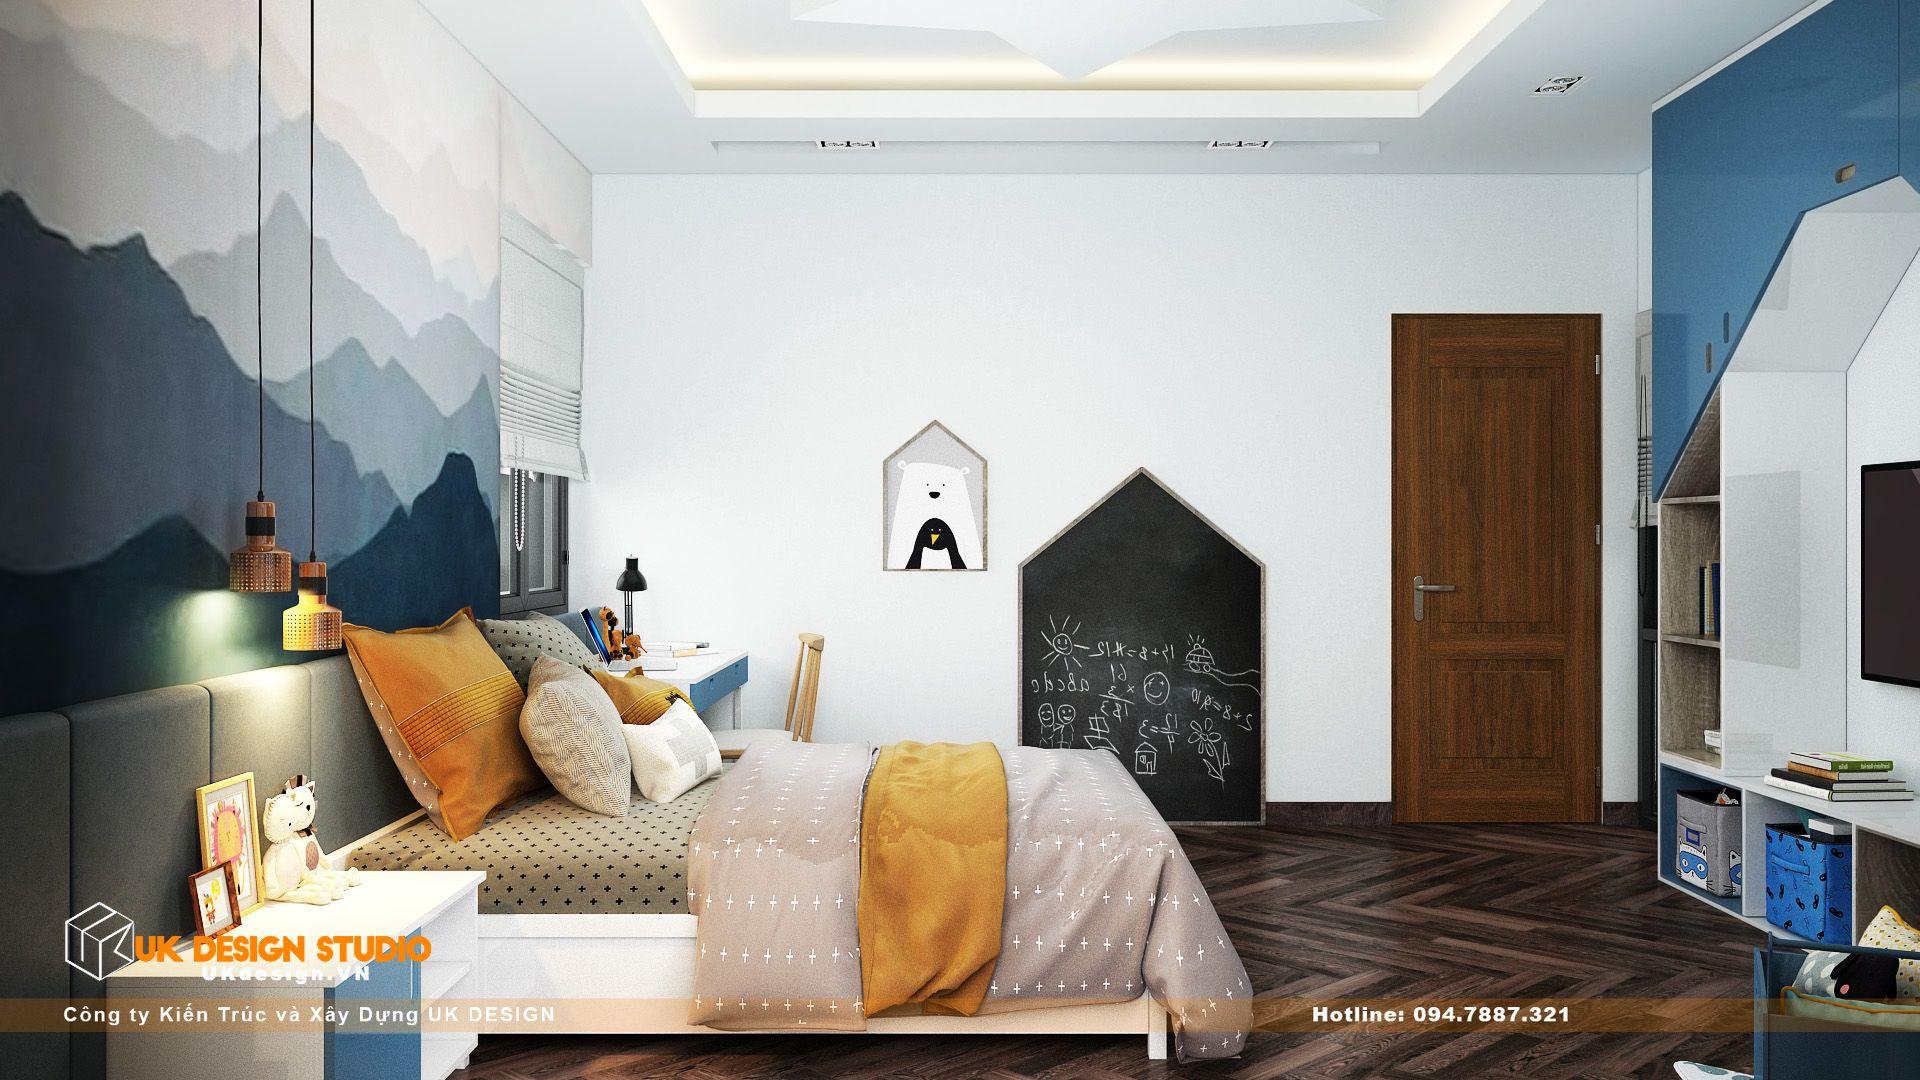 Thiết kế nội thất biệt thự nhà đẹp 3 tầng ở Quận 8 - Phòng ngủ con trai 12